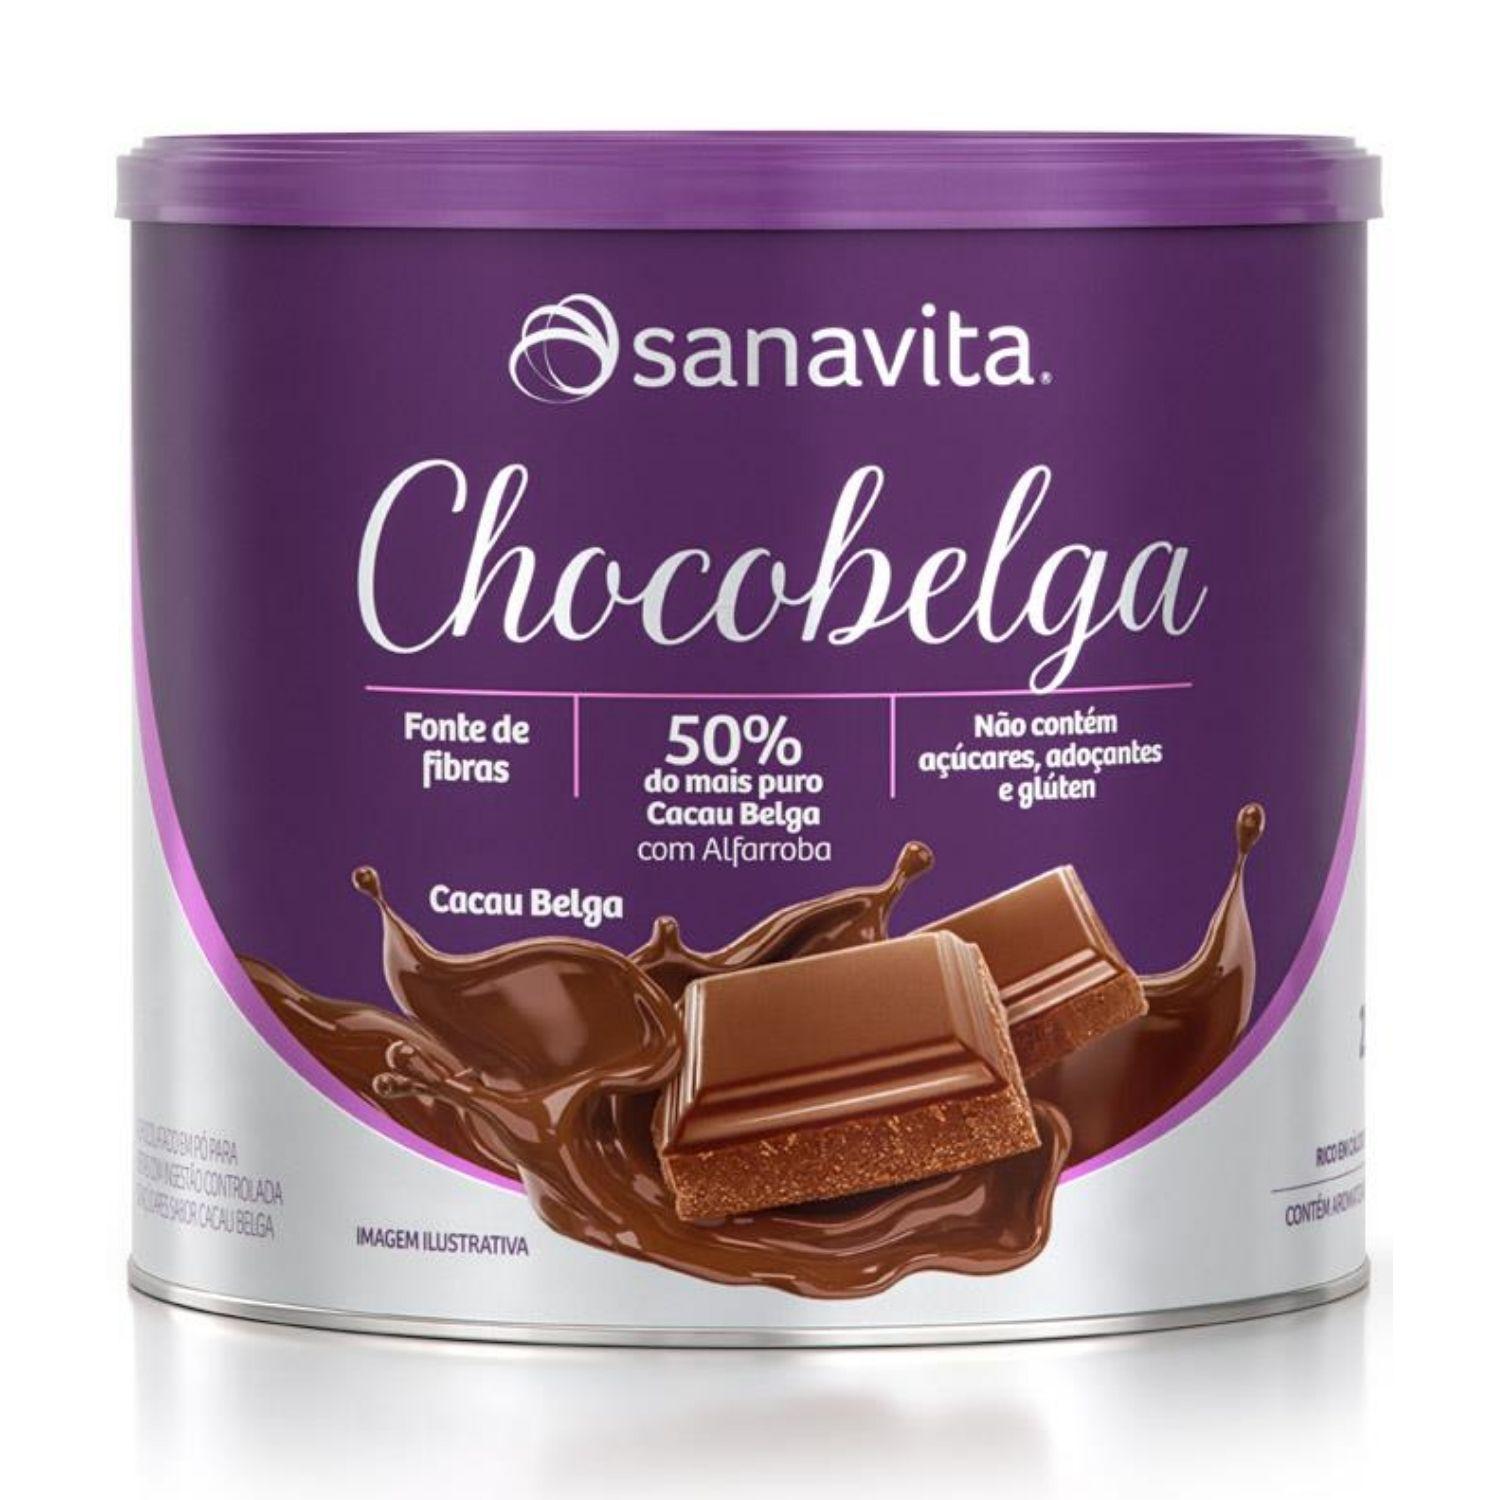 Chocobelga 200g Sanavita